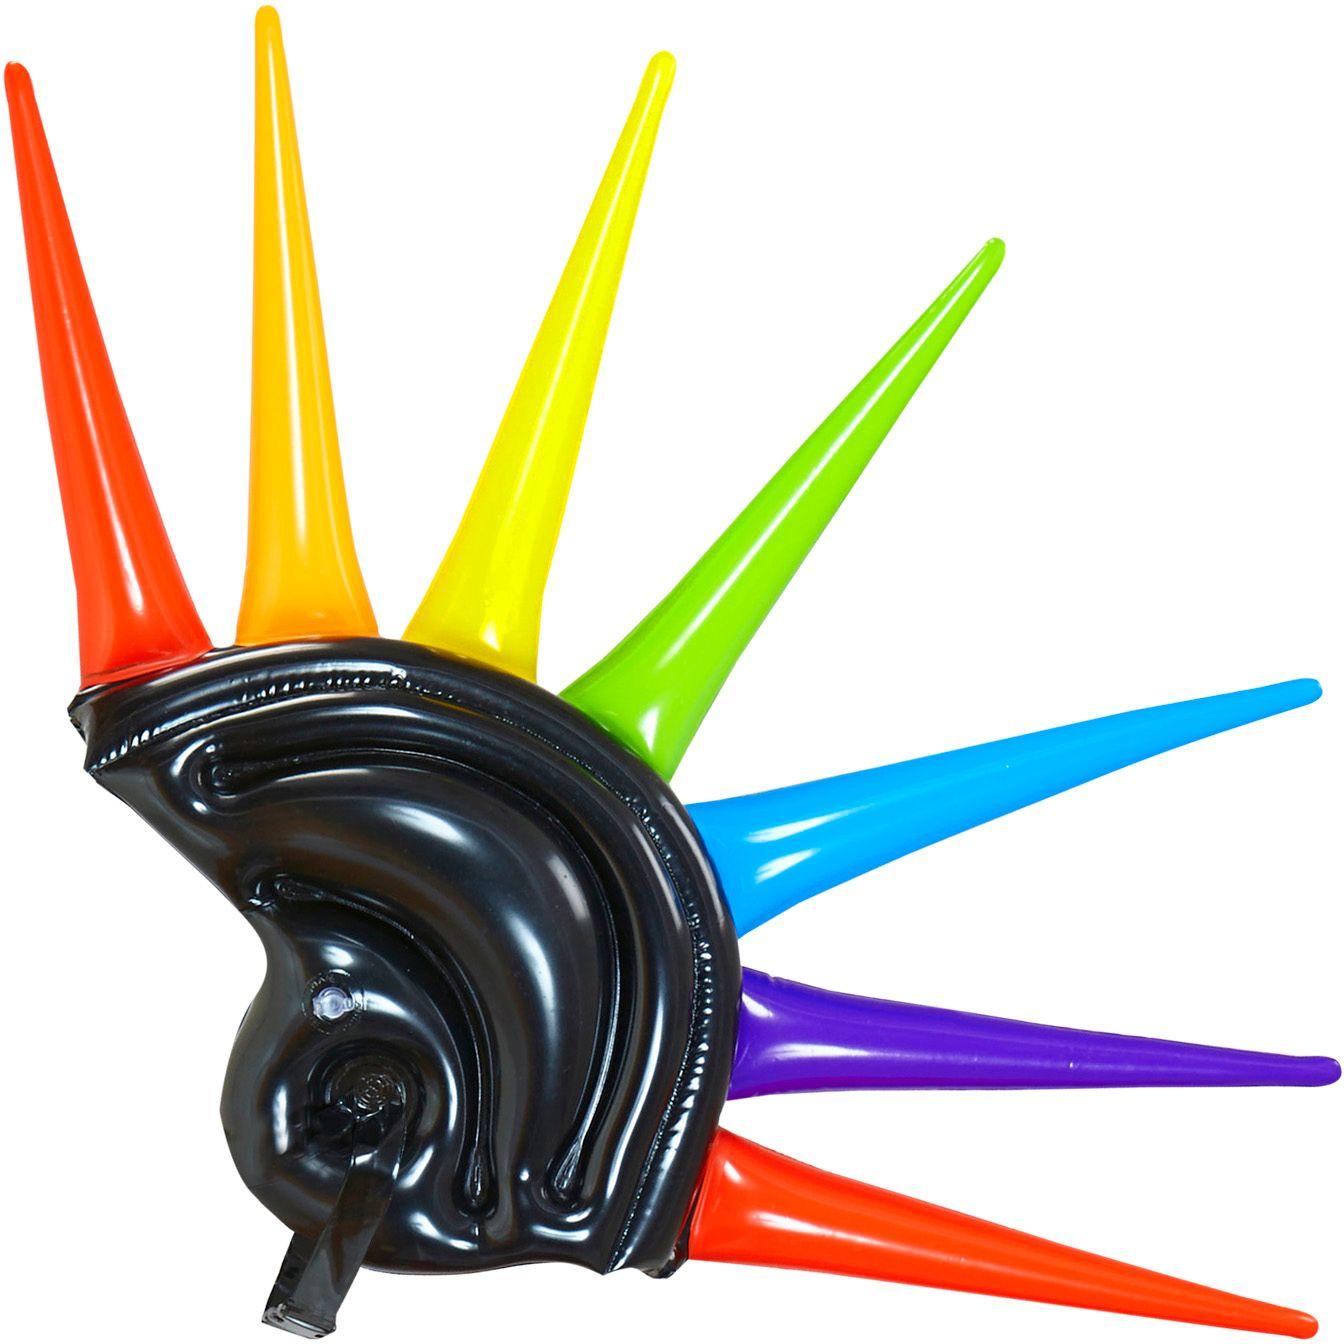 Opblaasbare multikleurige spikes helm